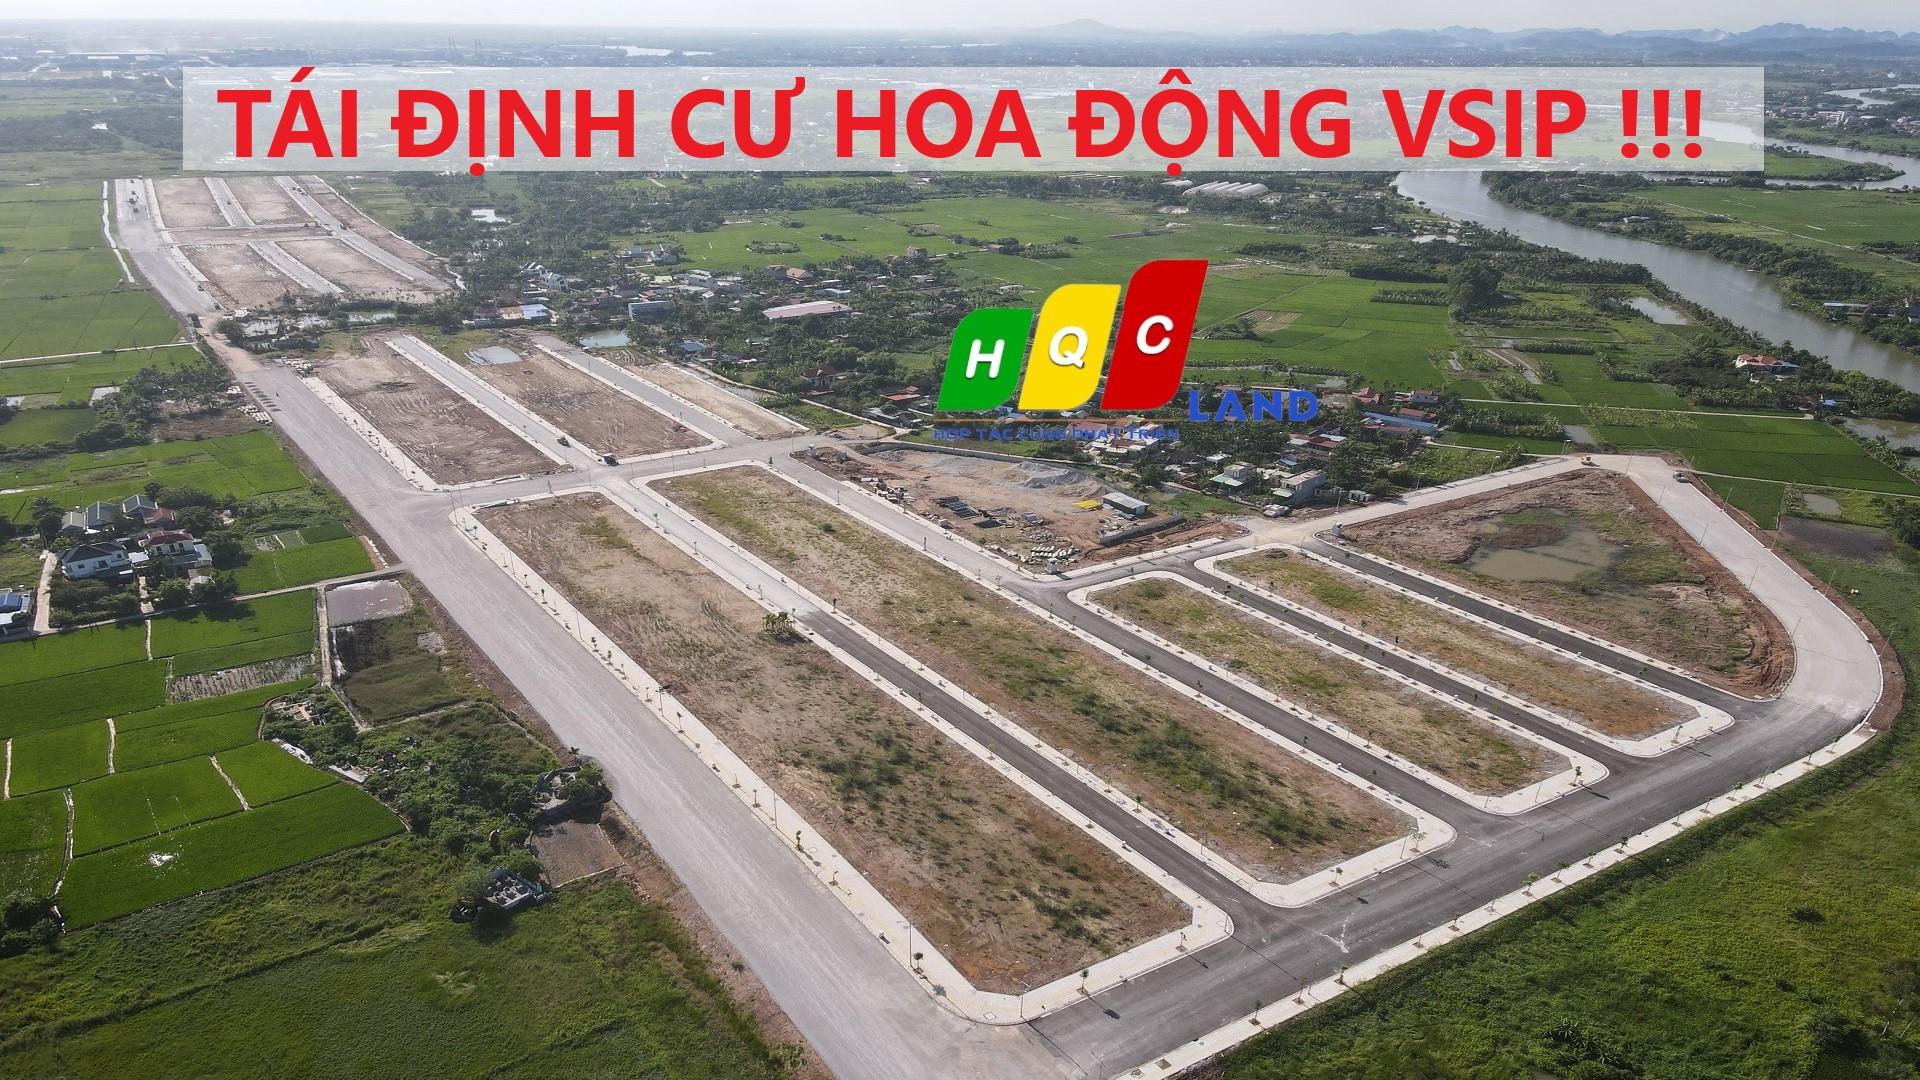 tong-quan-tai-dinh-cu-hoa-dong